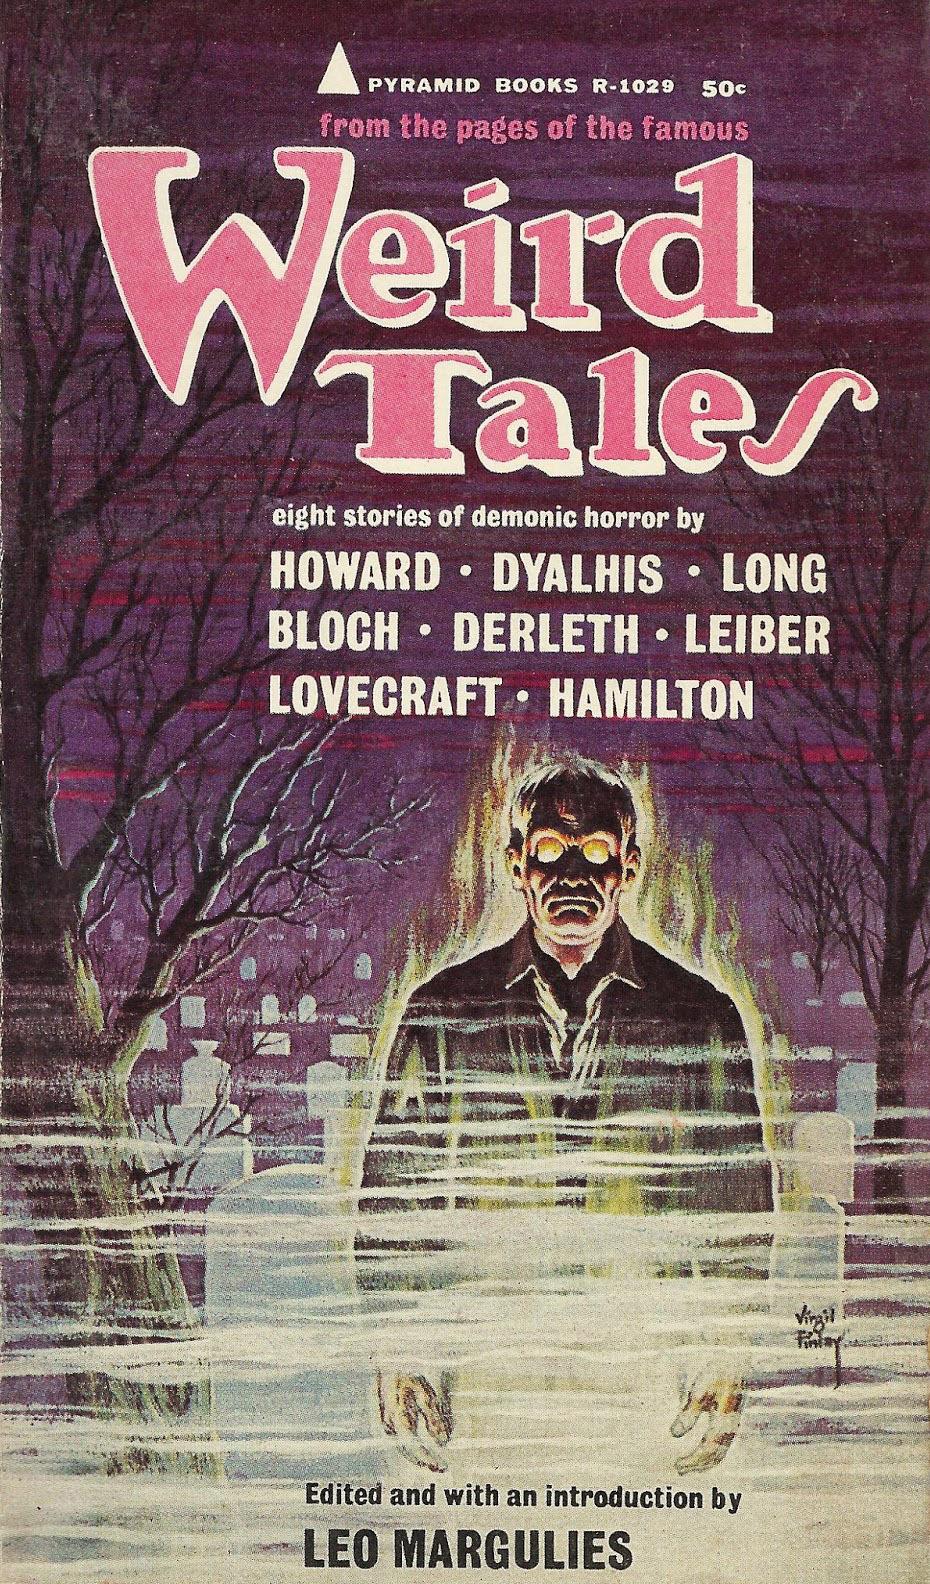 Paperback, Pyramid Books 1964. Forsiden er malet af den store mester Virgil Finlay